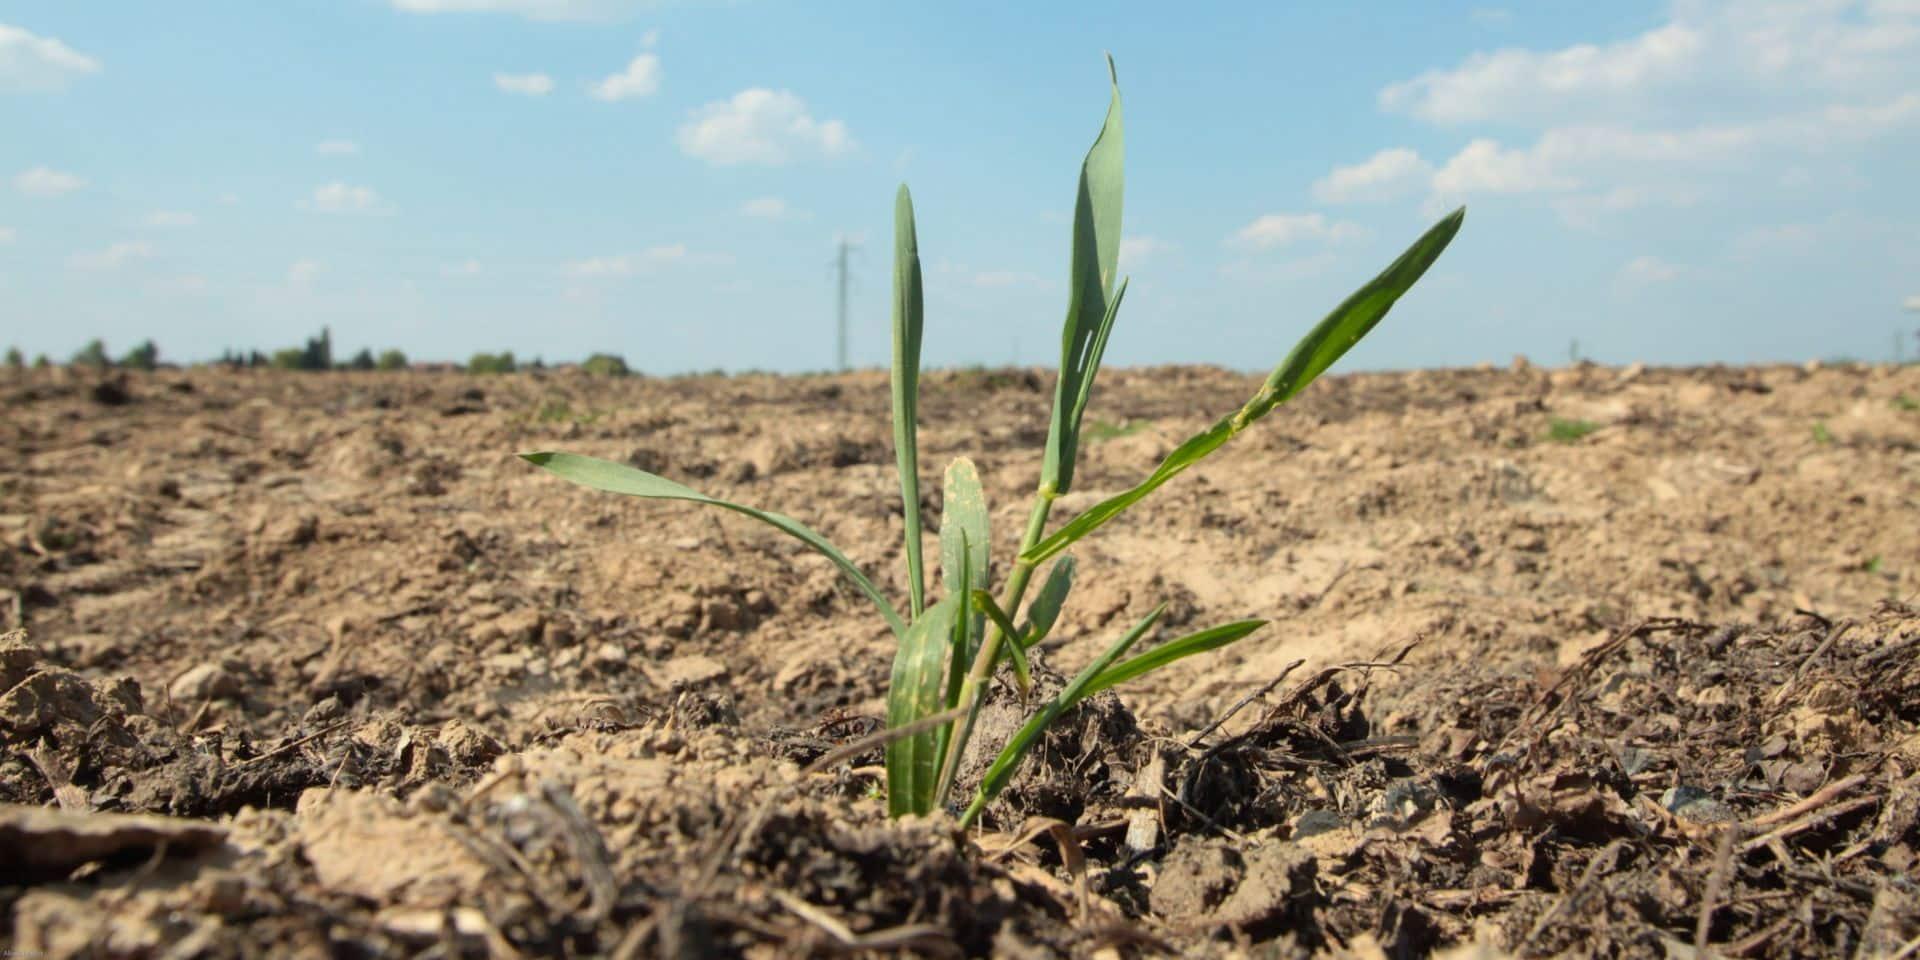 Sécheresse : Certaines provinces wallonnes restent dans des situations extrêmement sèches